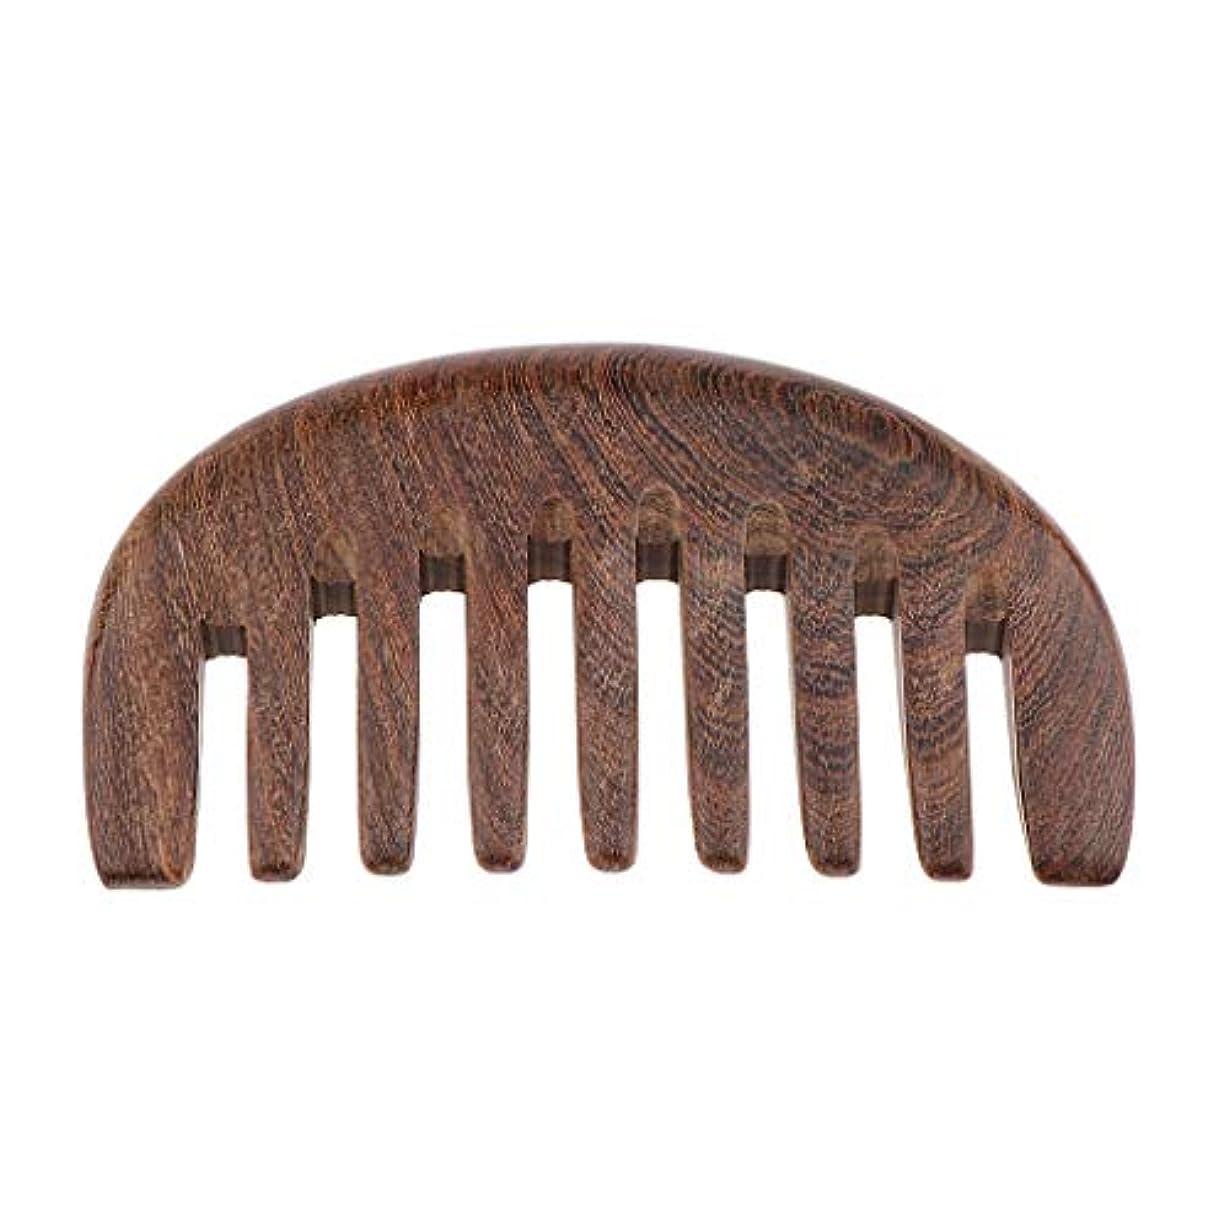 恥ずかしい葉を拾う誤木製ヘアコーム 手作り 櫛 ナチュラル木製 マッサージコーム 3色選べ - クロロフォラ